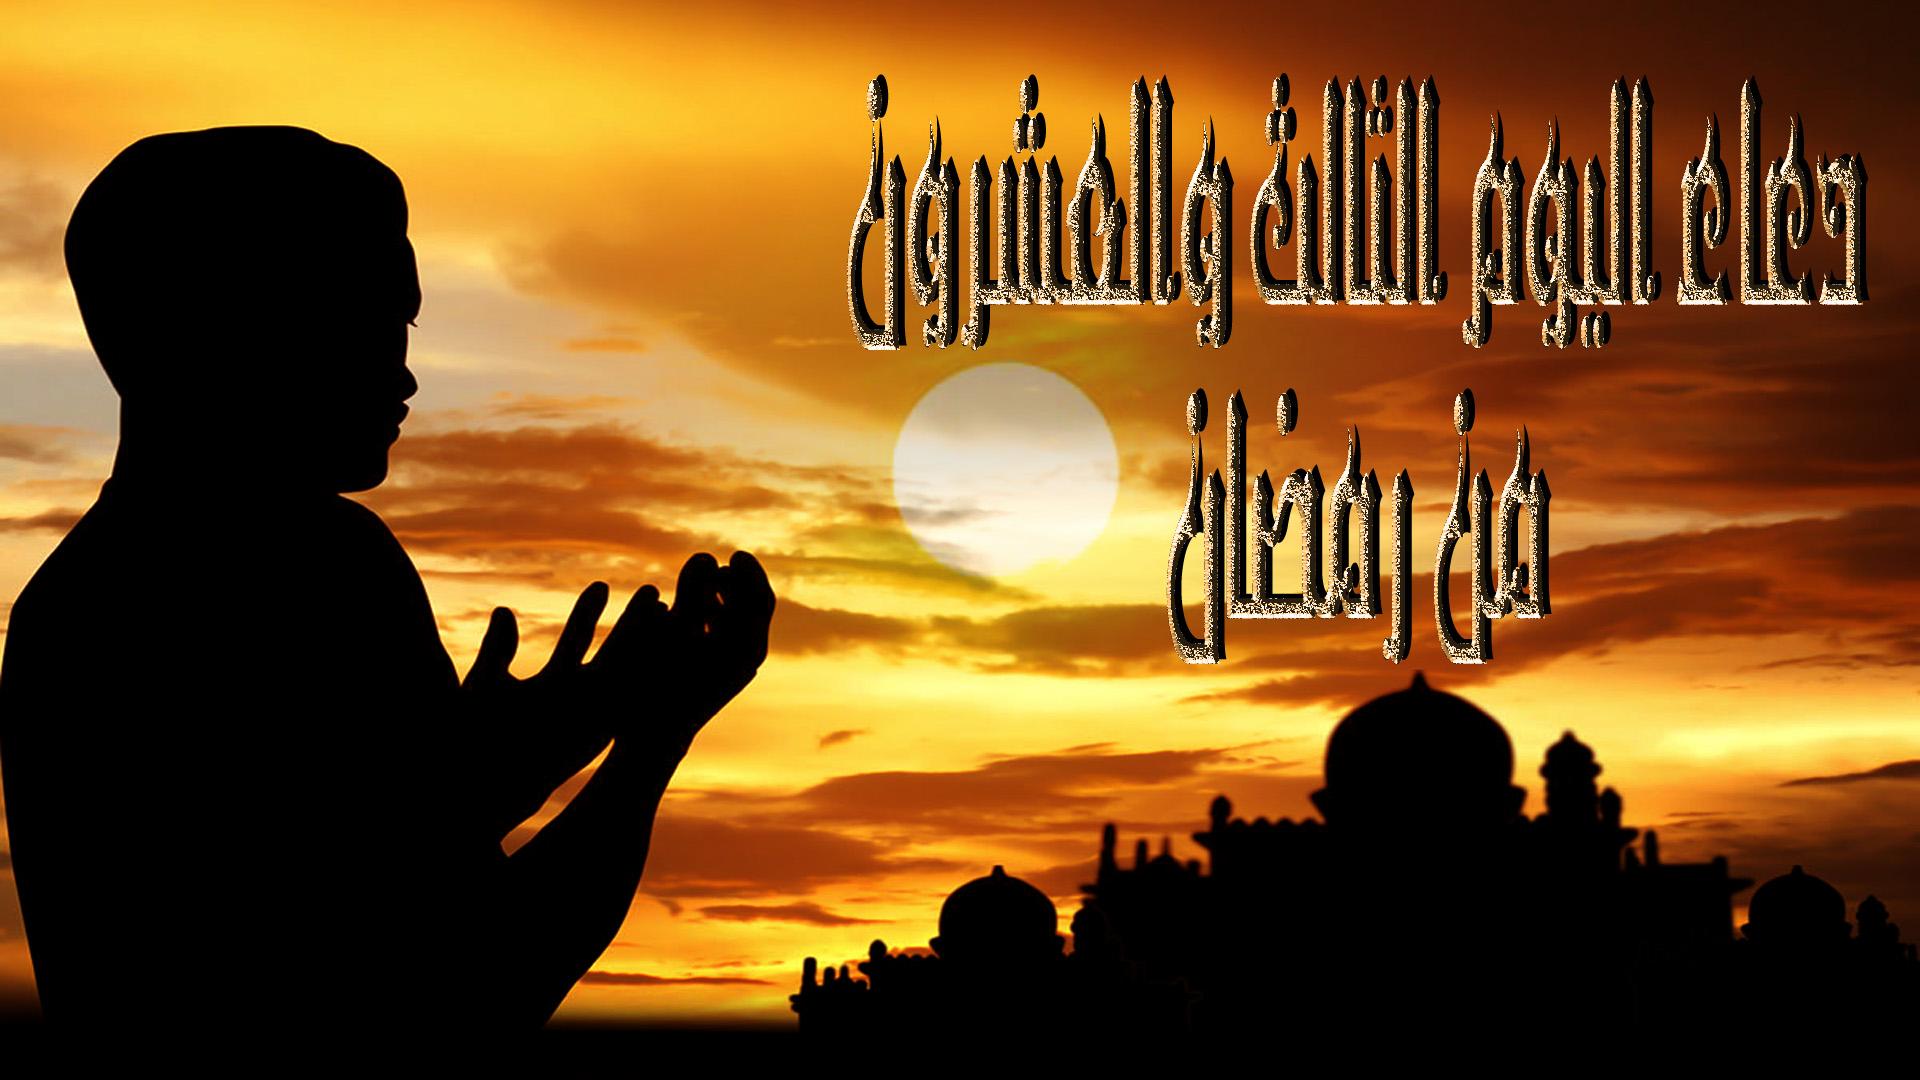 أدعية أيام شهر رمضان ( دعاء اليوم الثالث والعشرون )